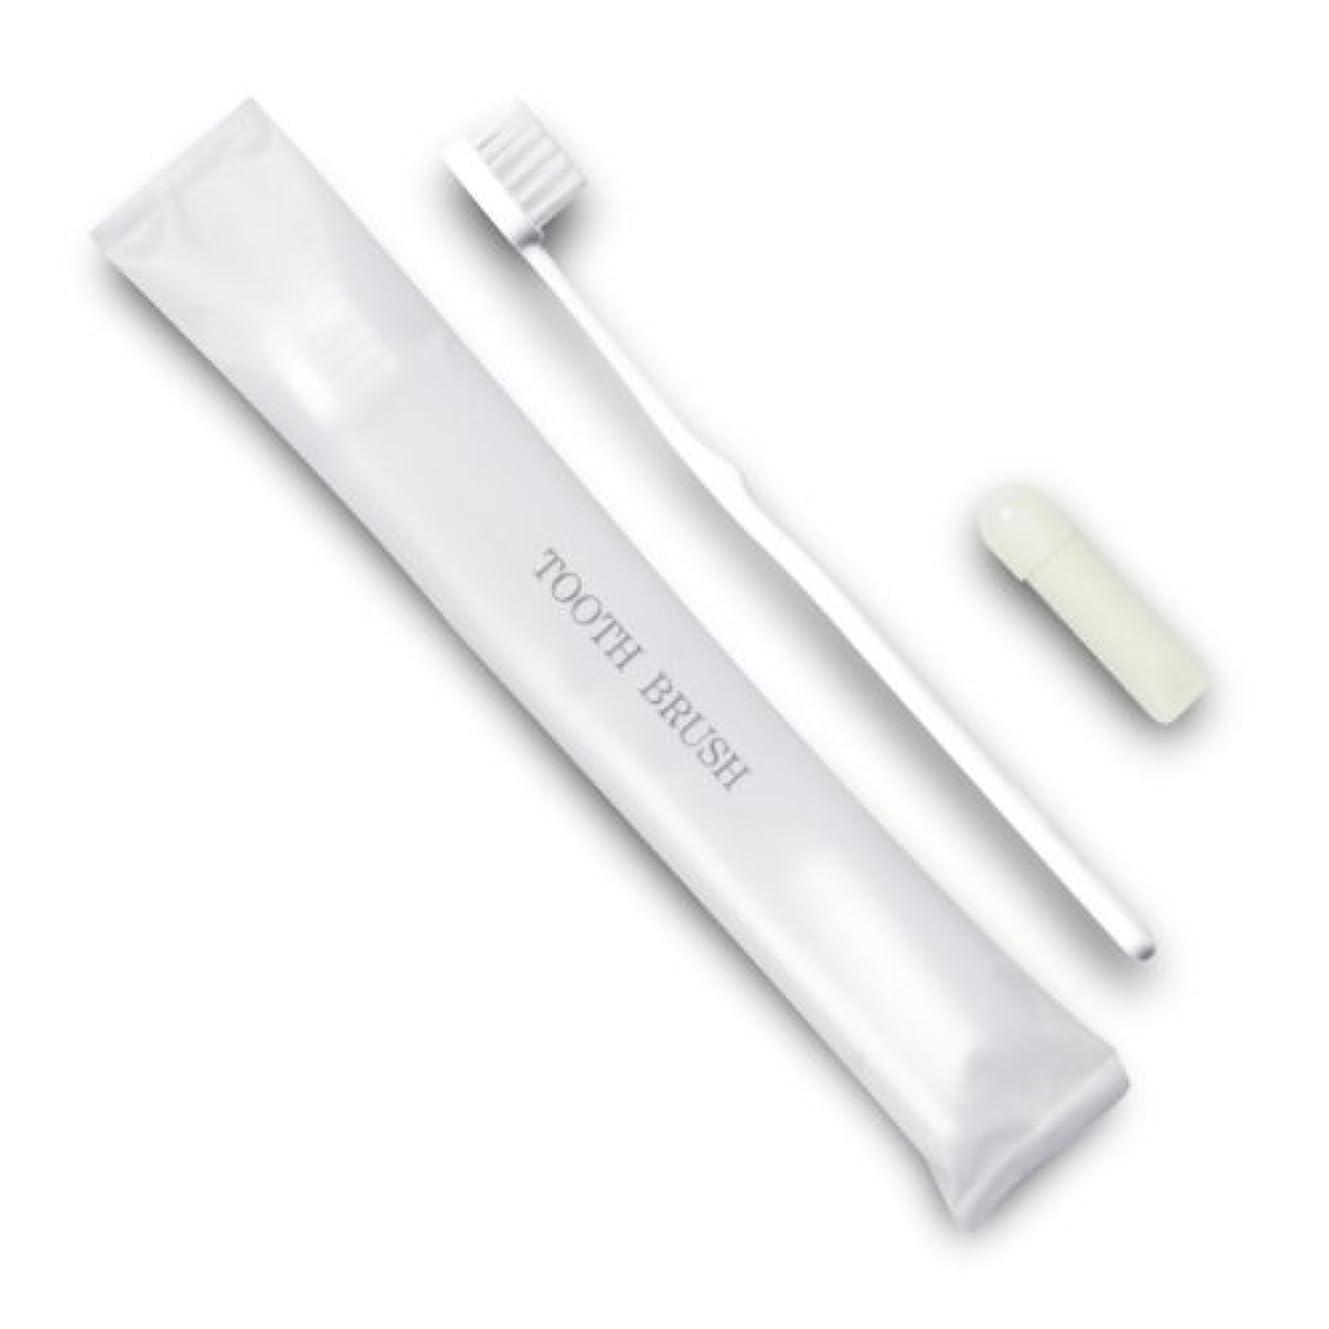 計画単調な考えホテル業務用歯ブラシ21穴(白)3gチューブ マット袋FタイプDX 700本